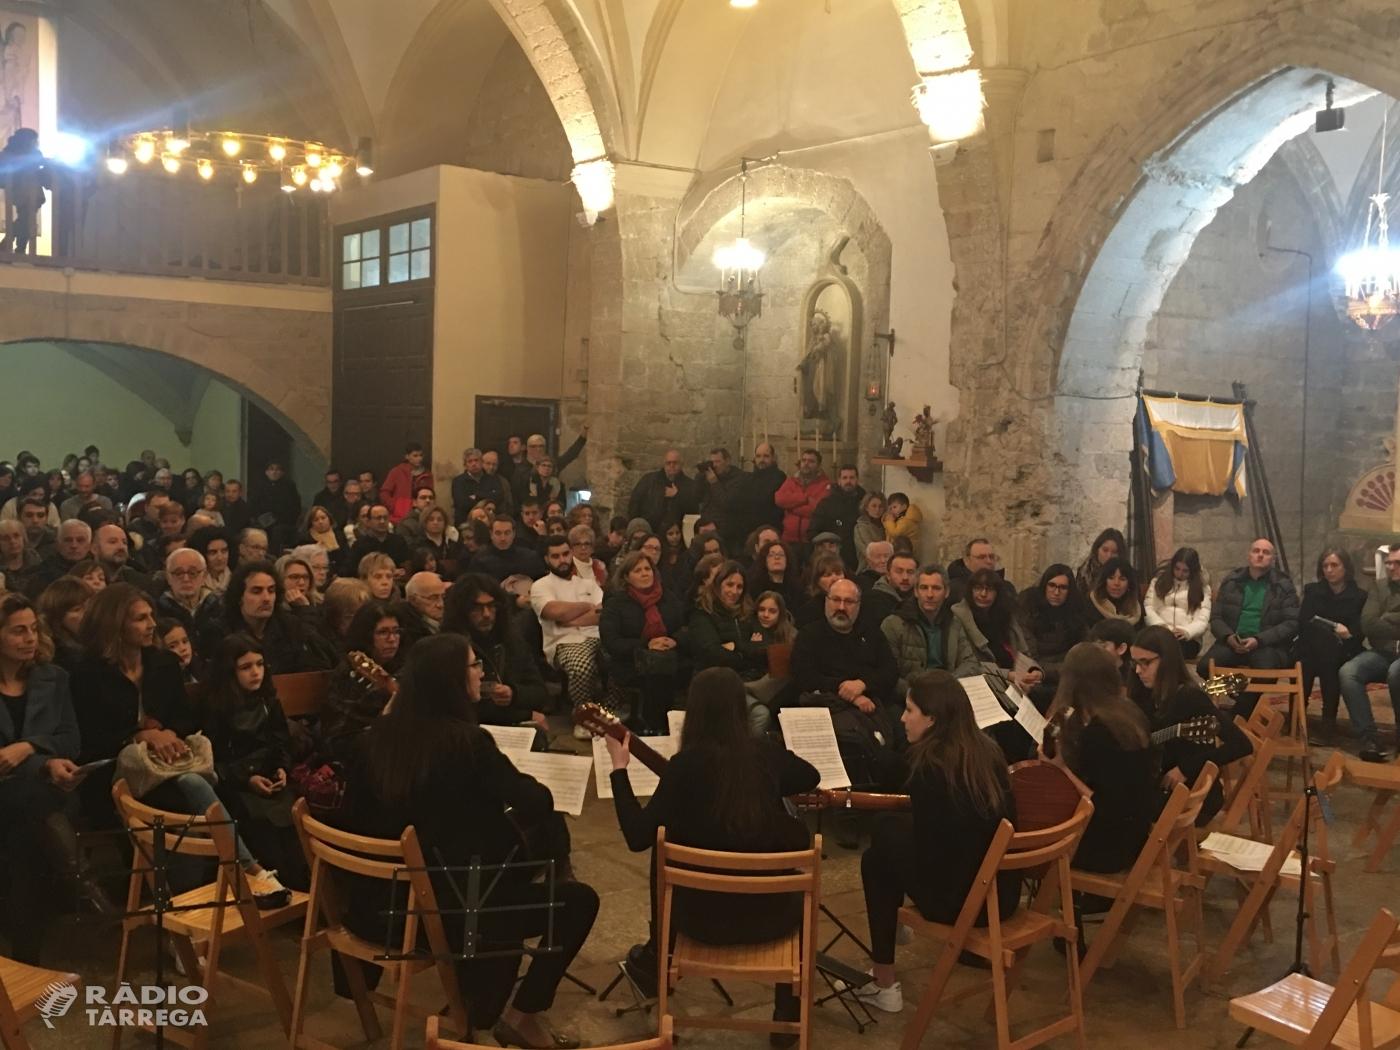 L'església de Santa Maria de Vilagrassa s'omple de gom a gom en la inauguració del cicle del Musicant l'Urgell